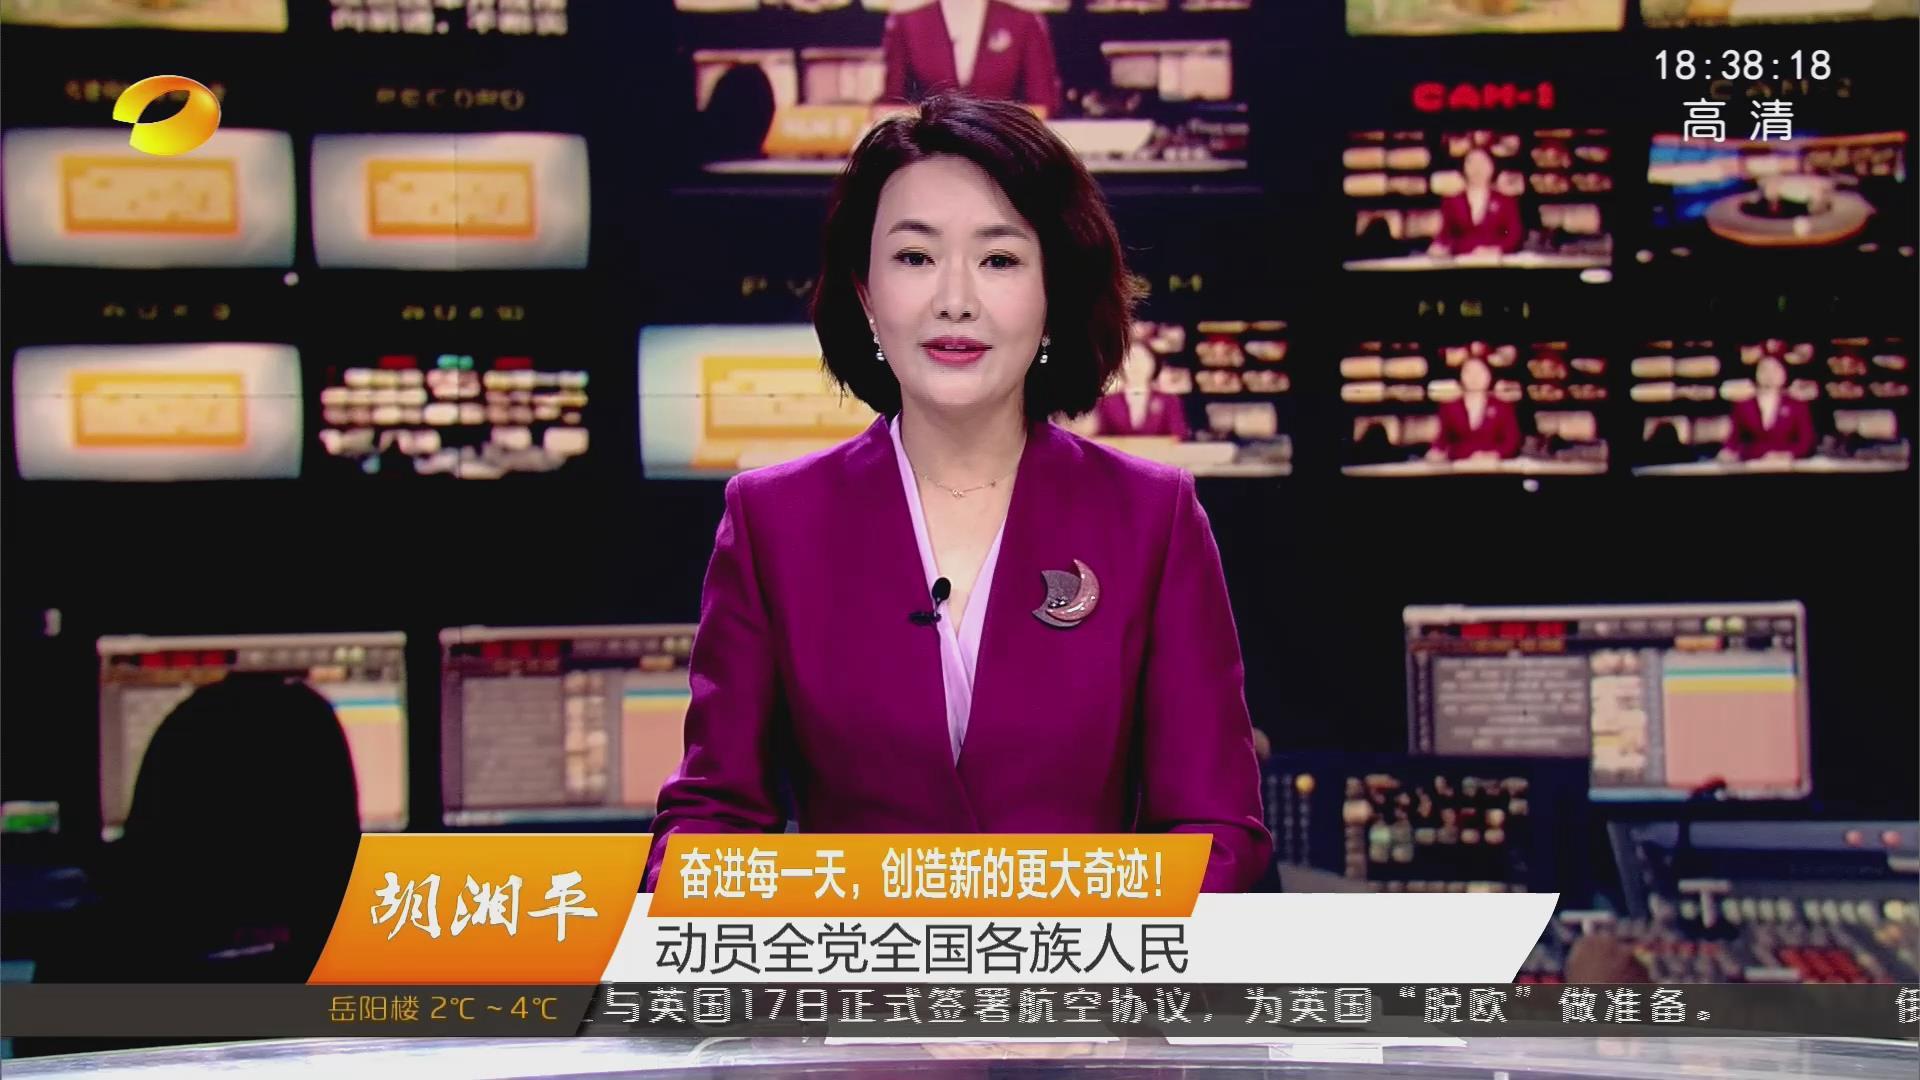 胡湘平:奋进每一天,创造新的更大奇迹!